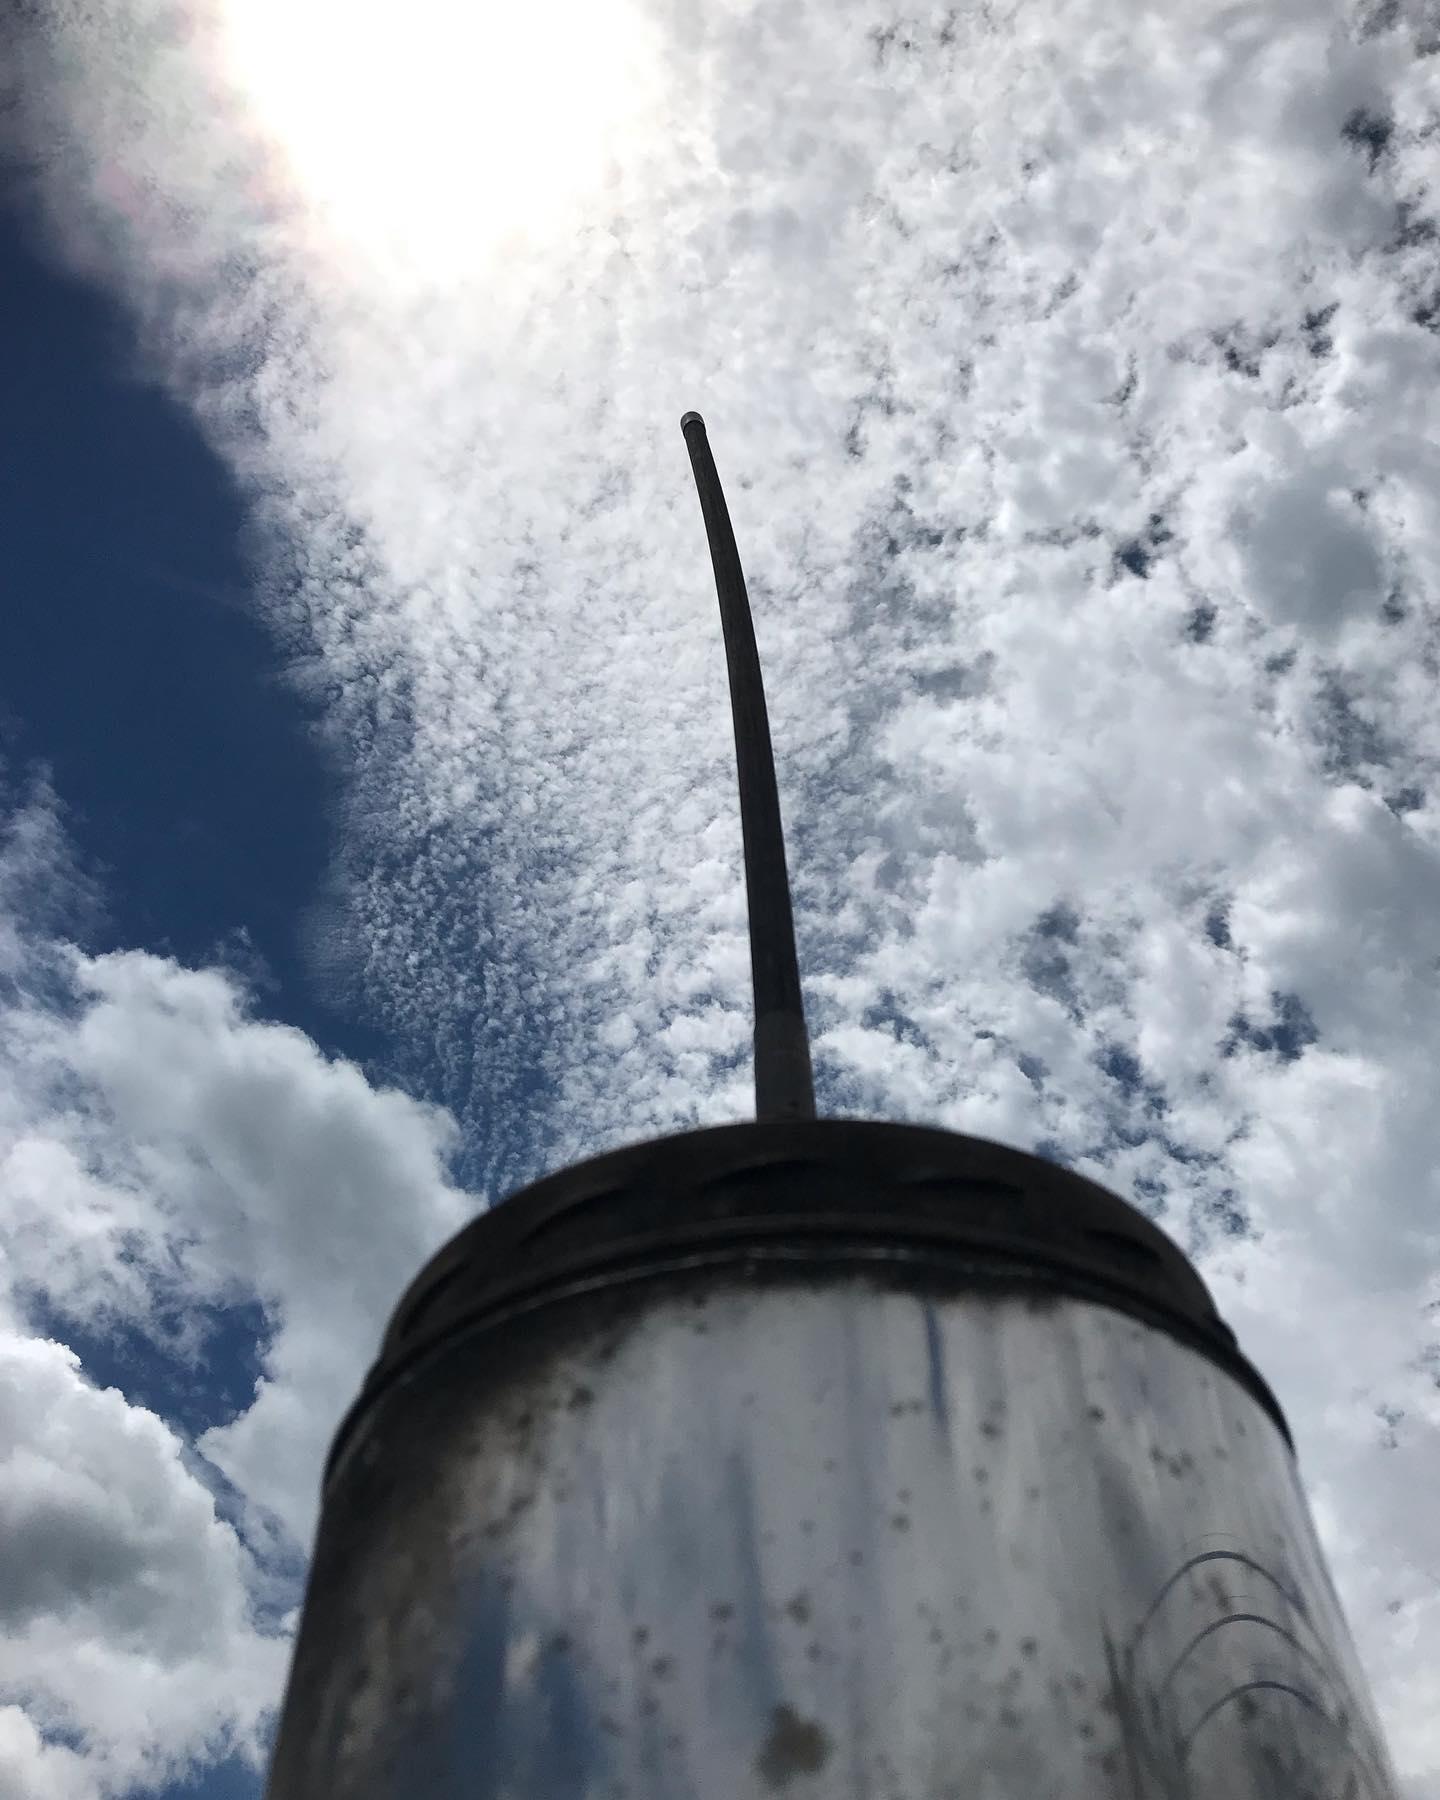 梅雨の隙間を狙い撃って神奈川行脚普段は高原の乾いたそよ風を感じながらのお掃除ですが、焼けるような日差しと海からの湿った空気で汗ダラダラたまに吹く風がなんとも気持ちいい♂️#薪ストーブのある暮らし #湘南スタイル #海風 #サーフィン #夏 #暑い #でも気持ちいい #煙突掃除 #メンテナンス #行脚 #八ヶ岳の薪ストーブ専門店 #ストーブハウス原村 #八ヶ岳 #原村 #富士見 #蓼科